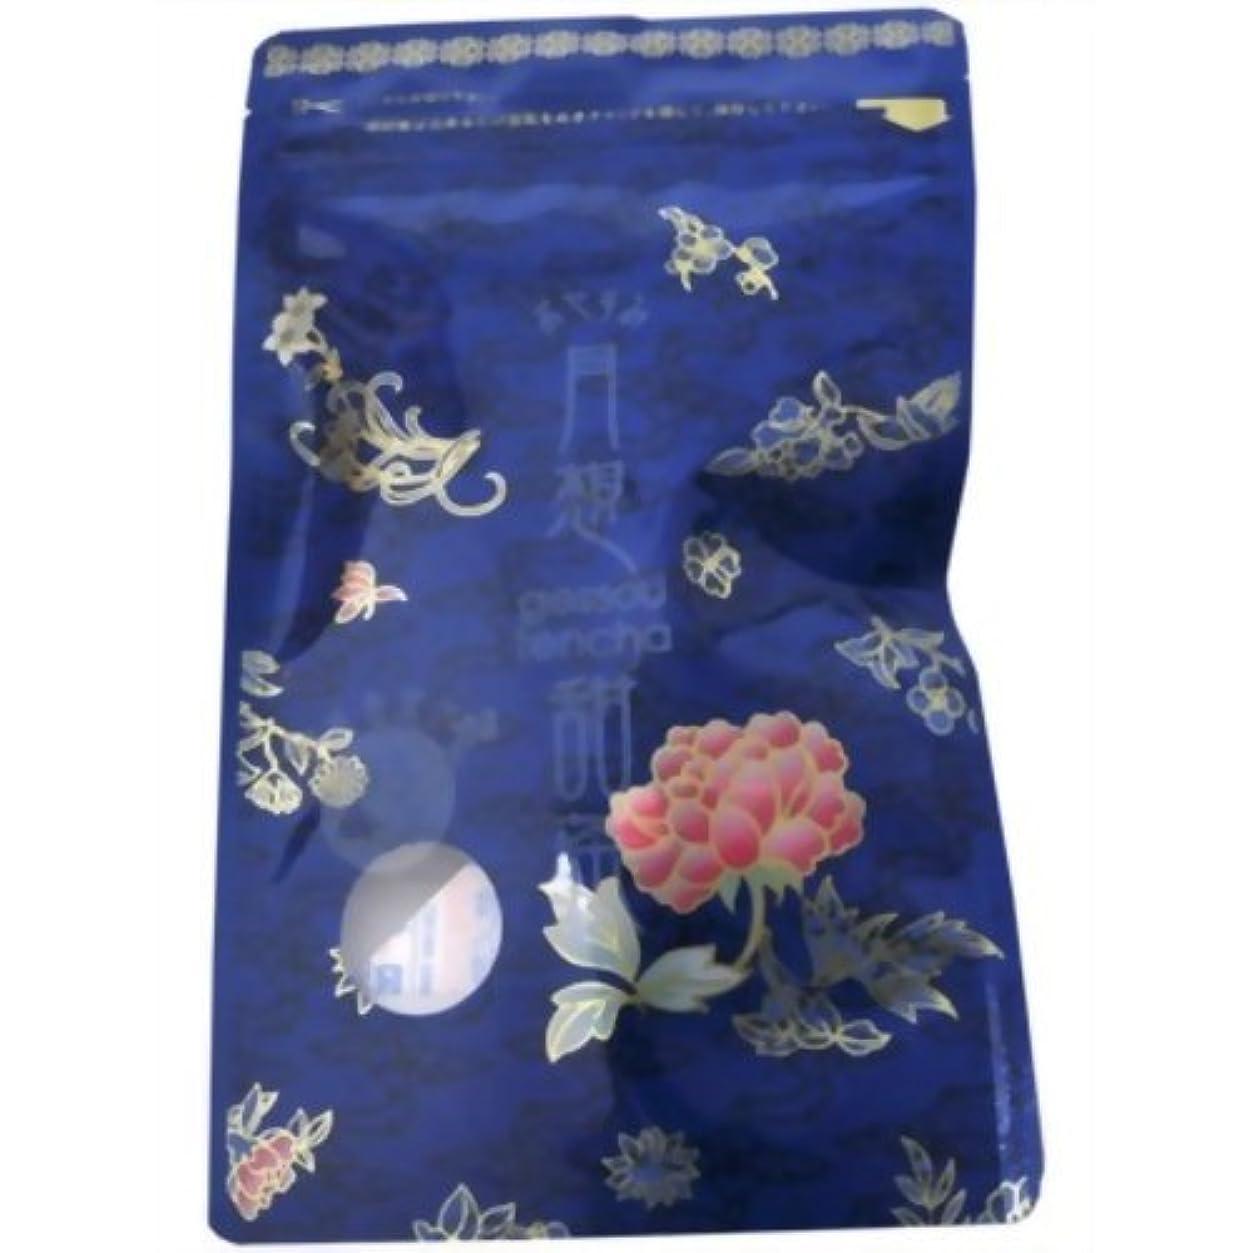 感情スリラー拮抗するおやすみ月想甜茶 1.5gx15袋